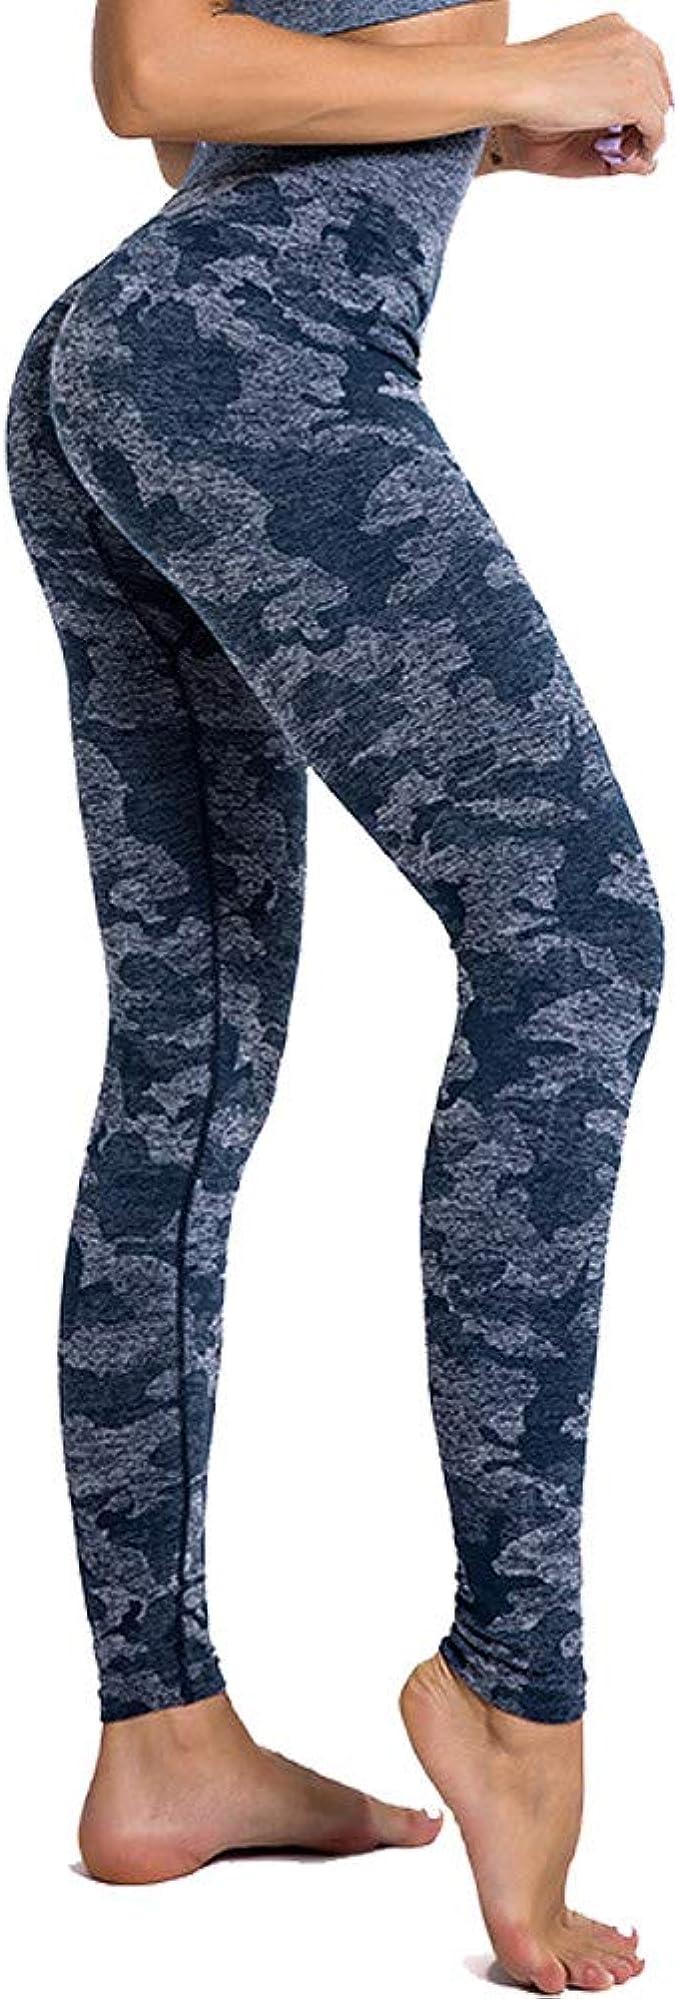 SotRong Pantalones de Yoga de Camuflaje para Mujer Legging de ...